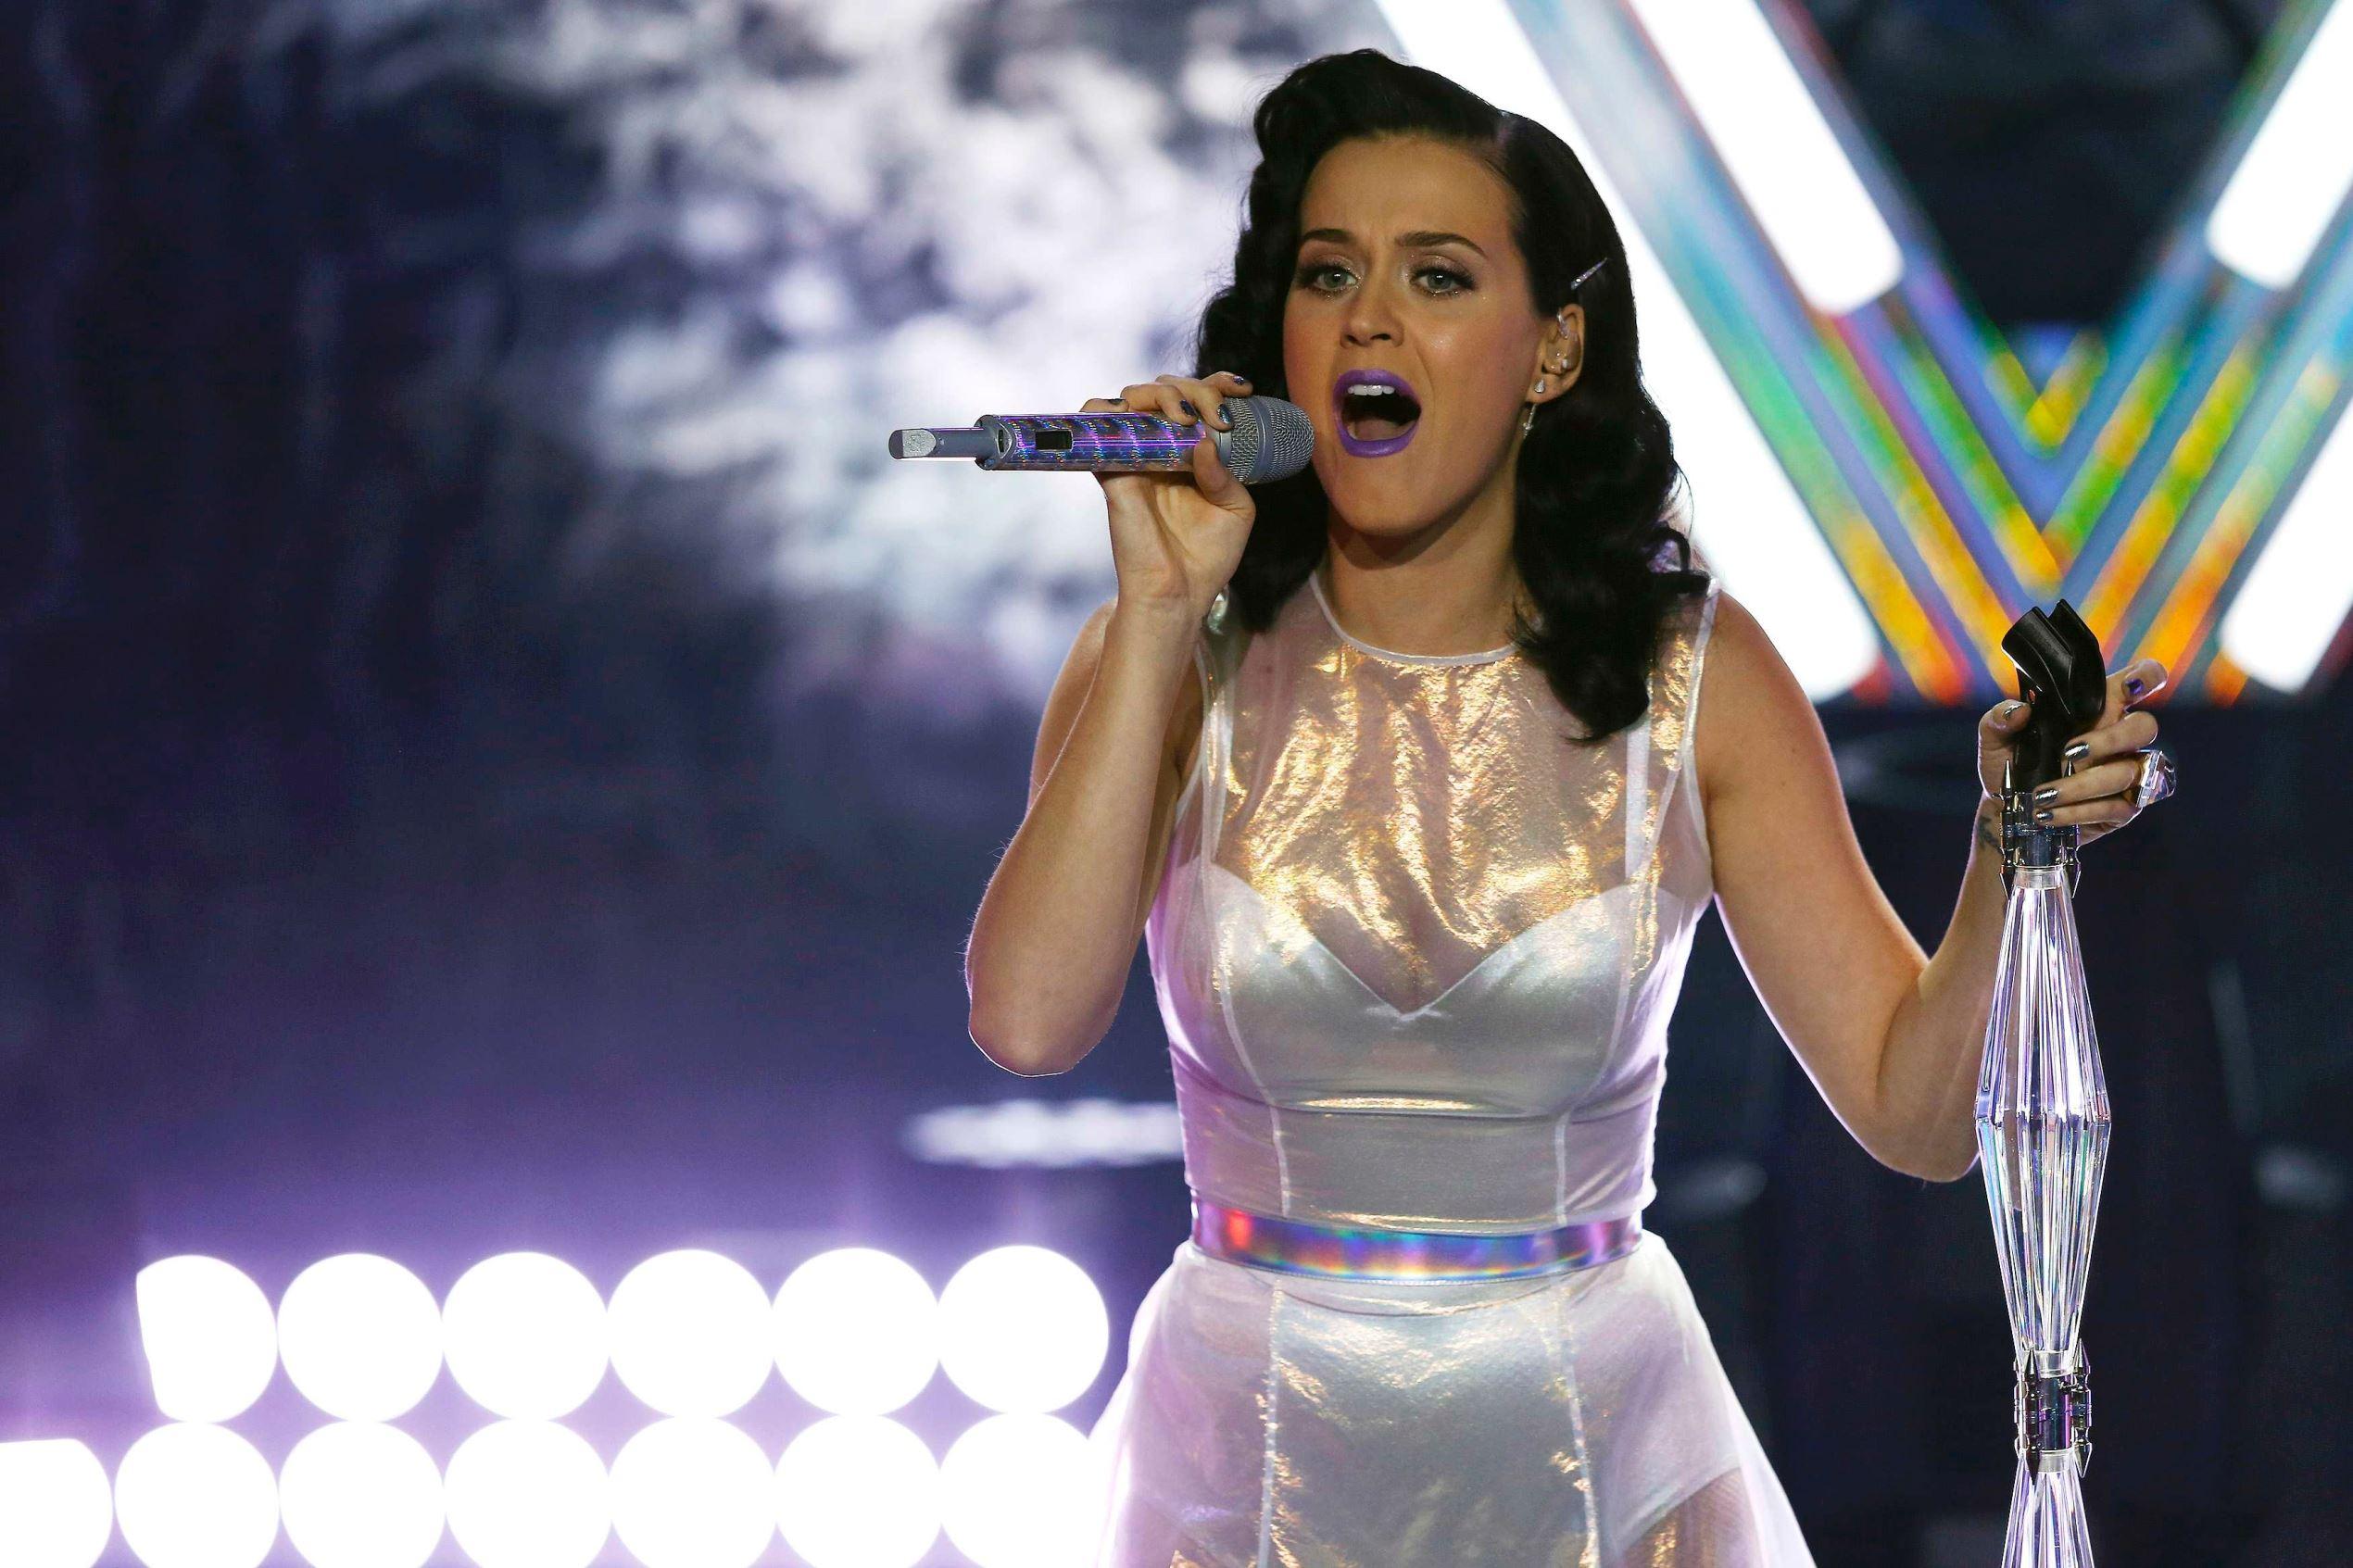 Katy Perry 2015 incontri servizio di incontri armonia